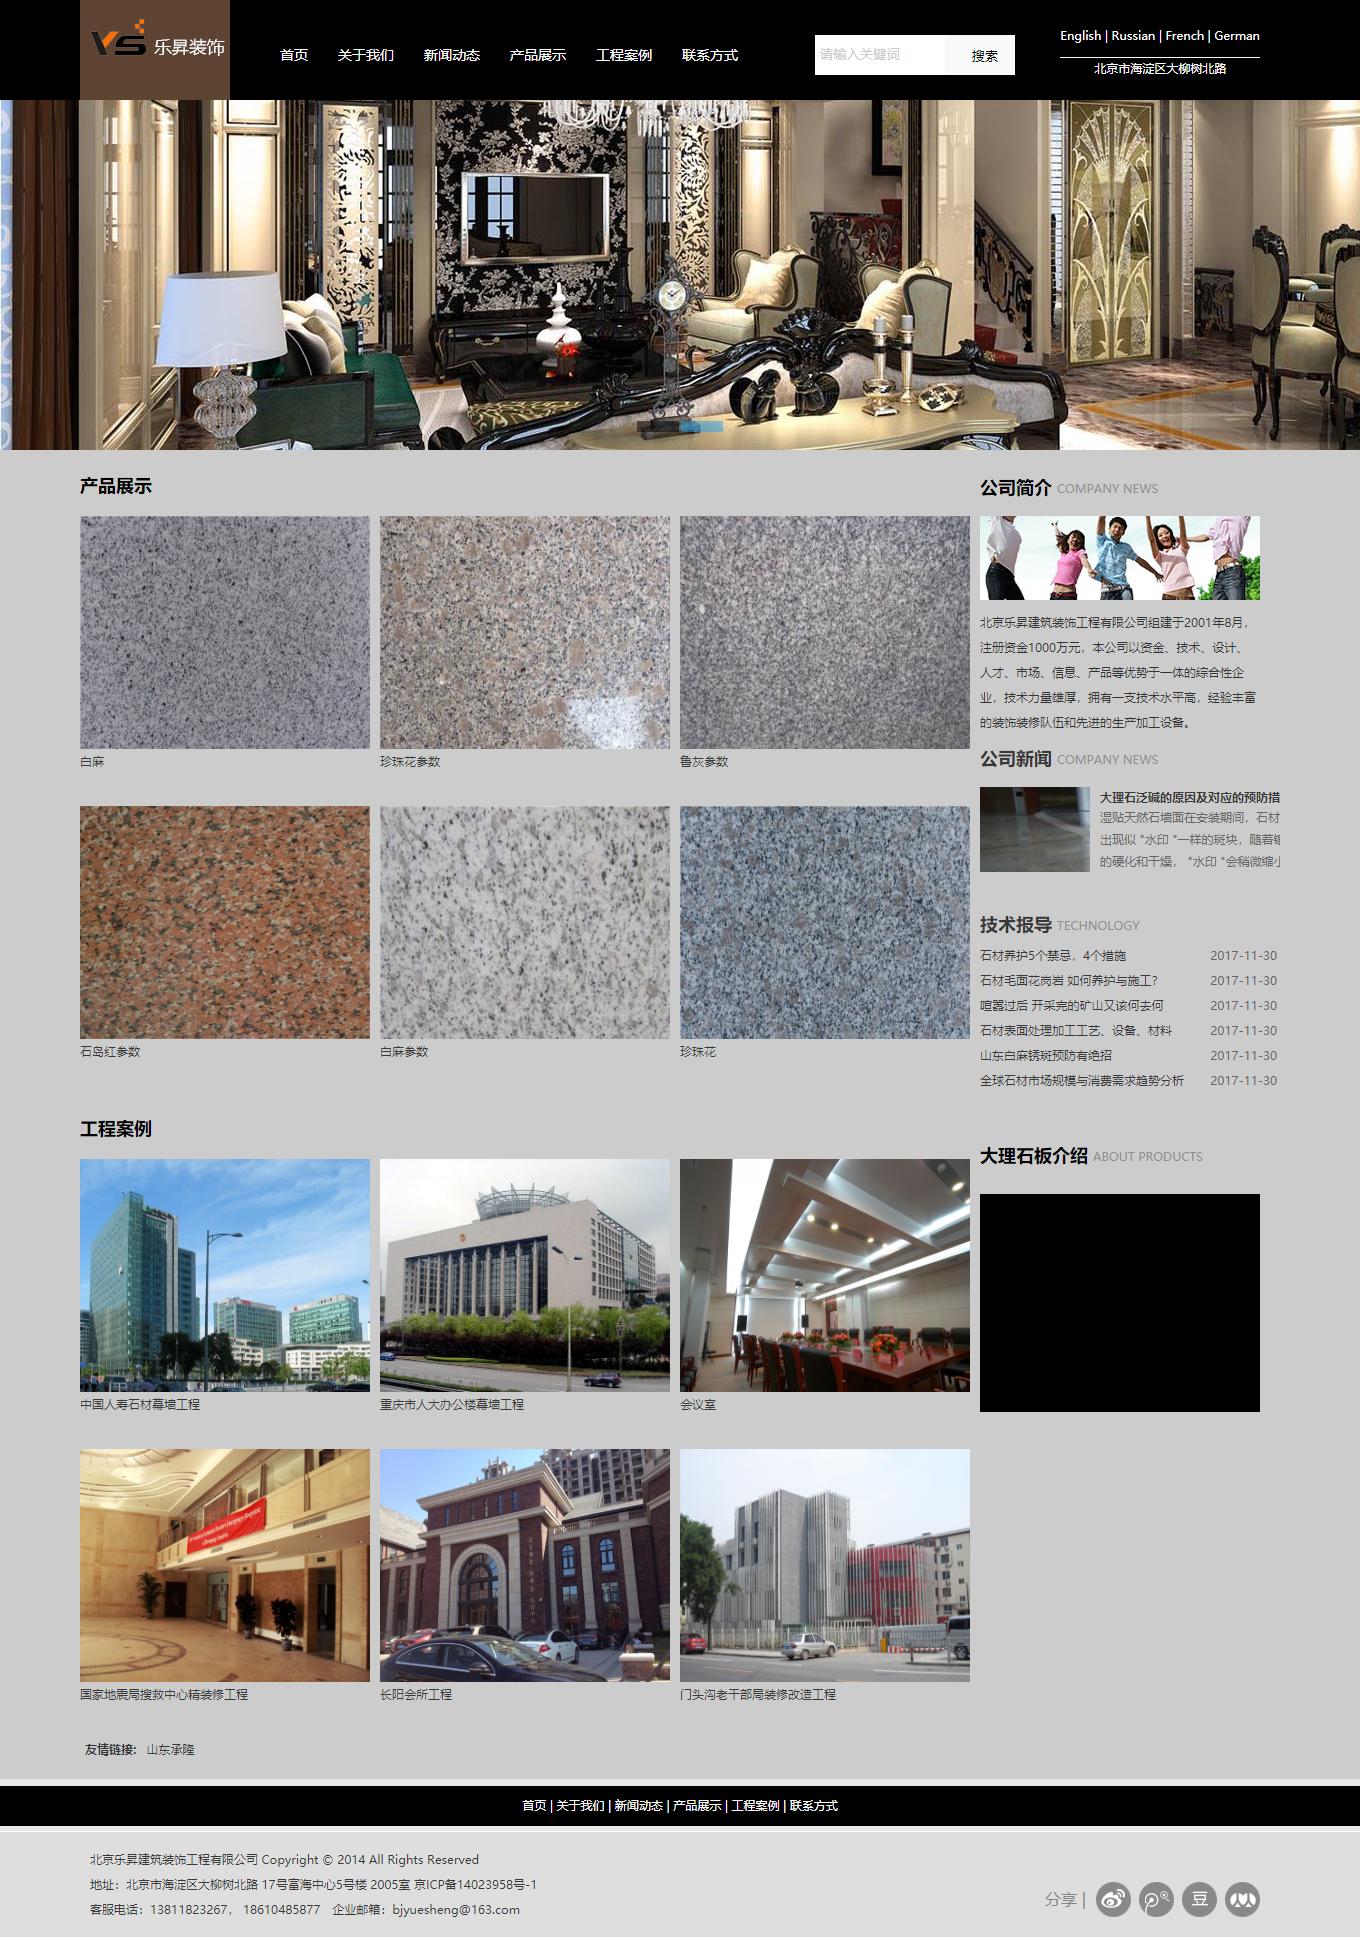 建筑装修装饰公司网站建设案例